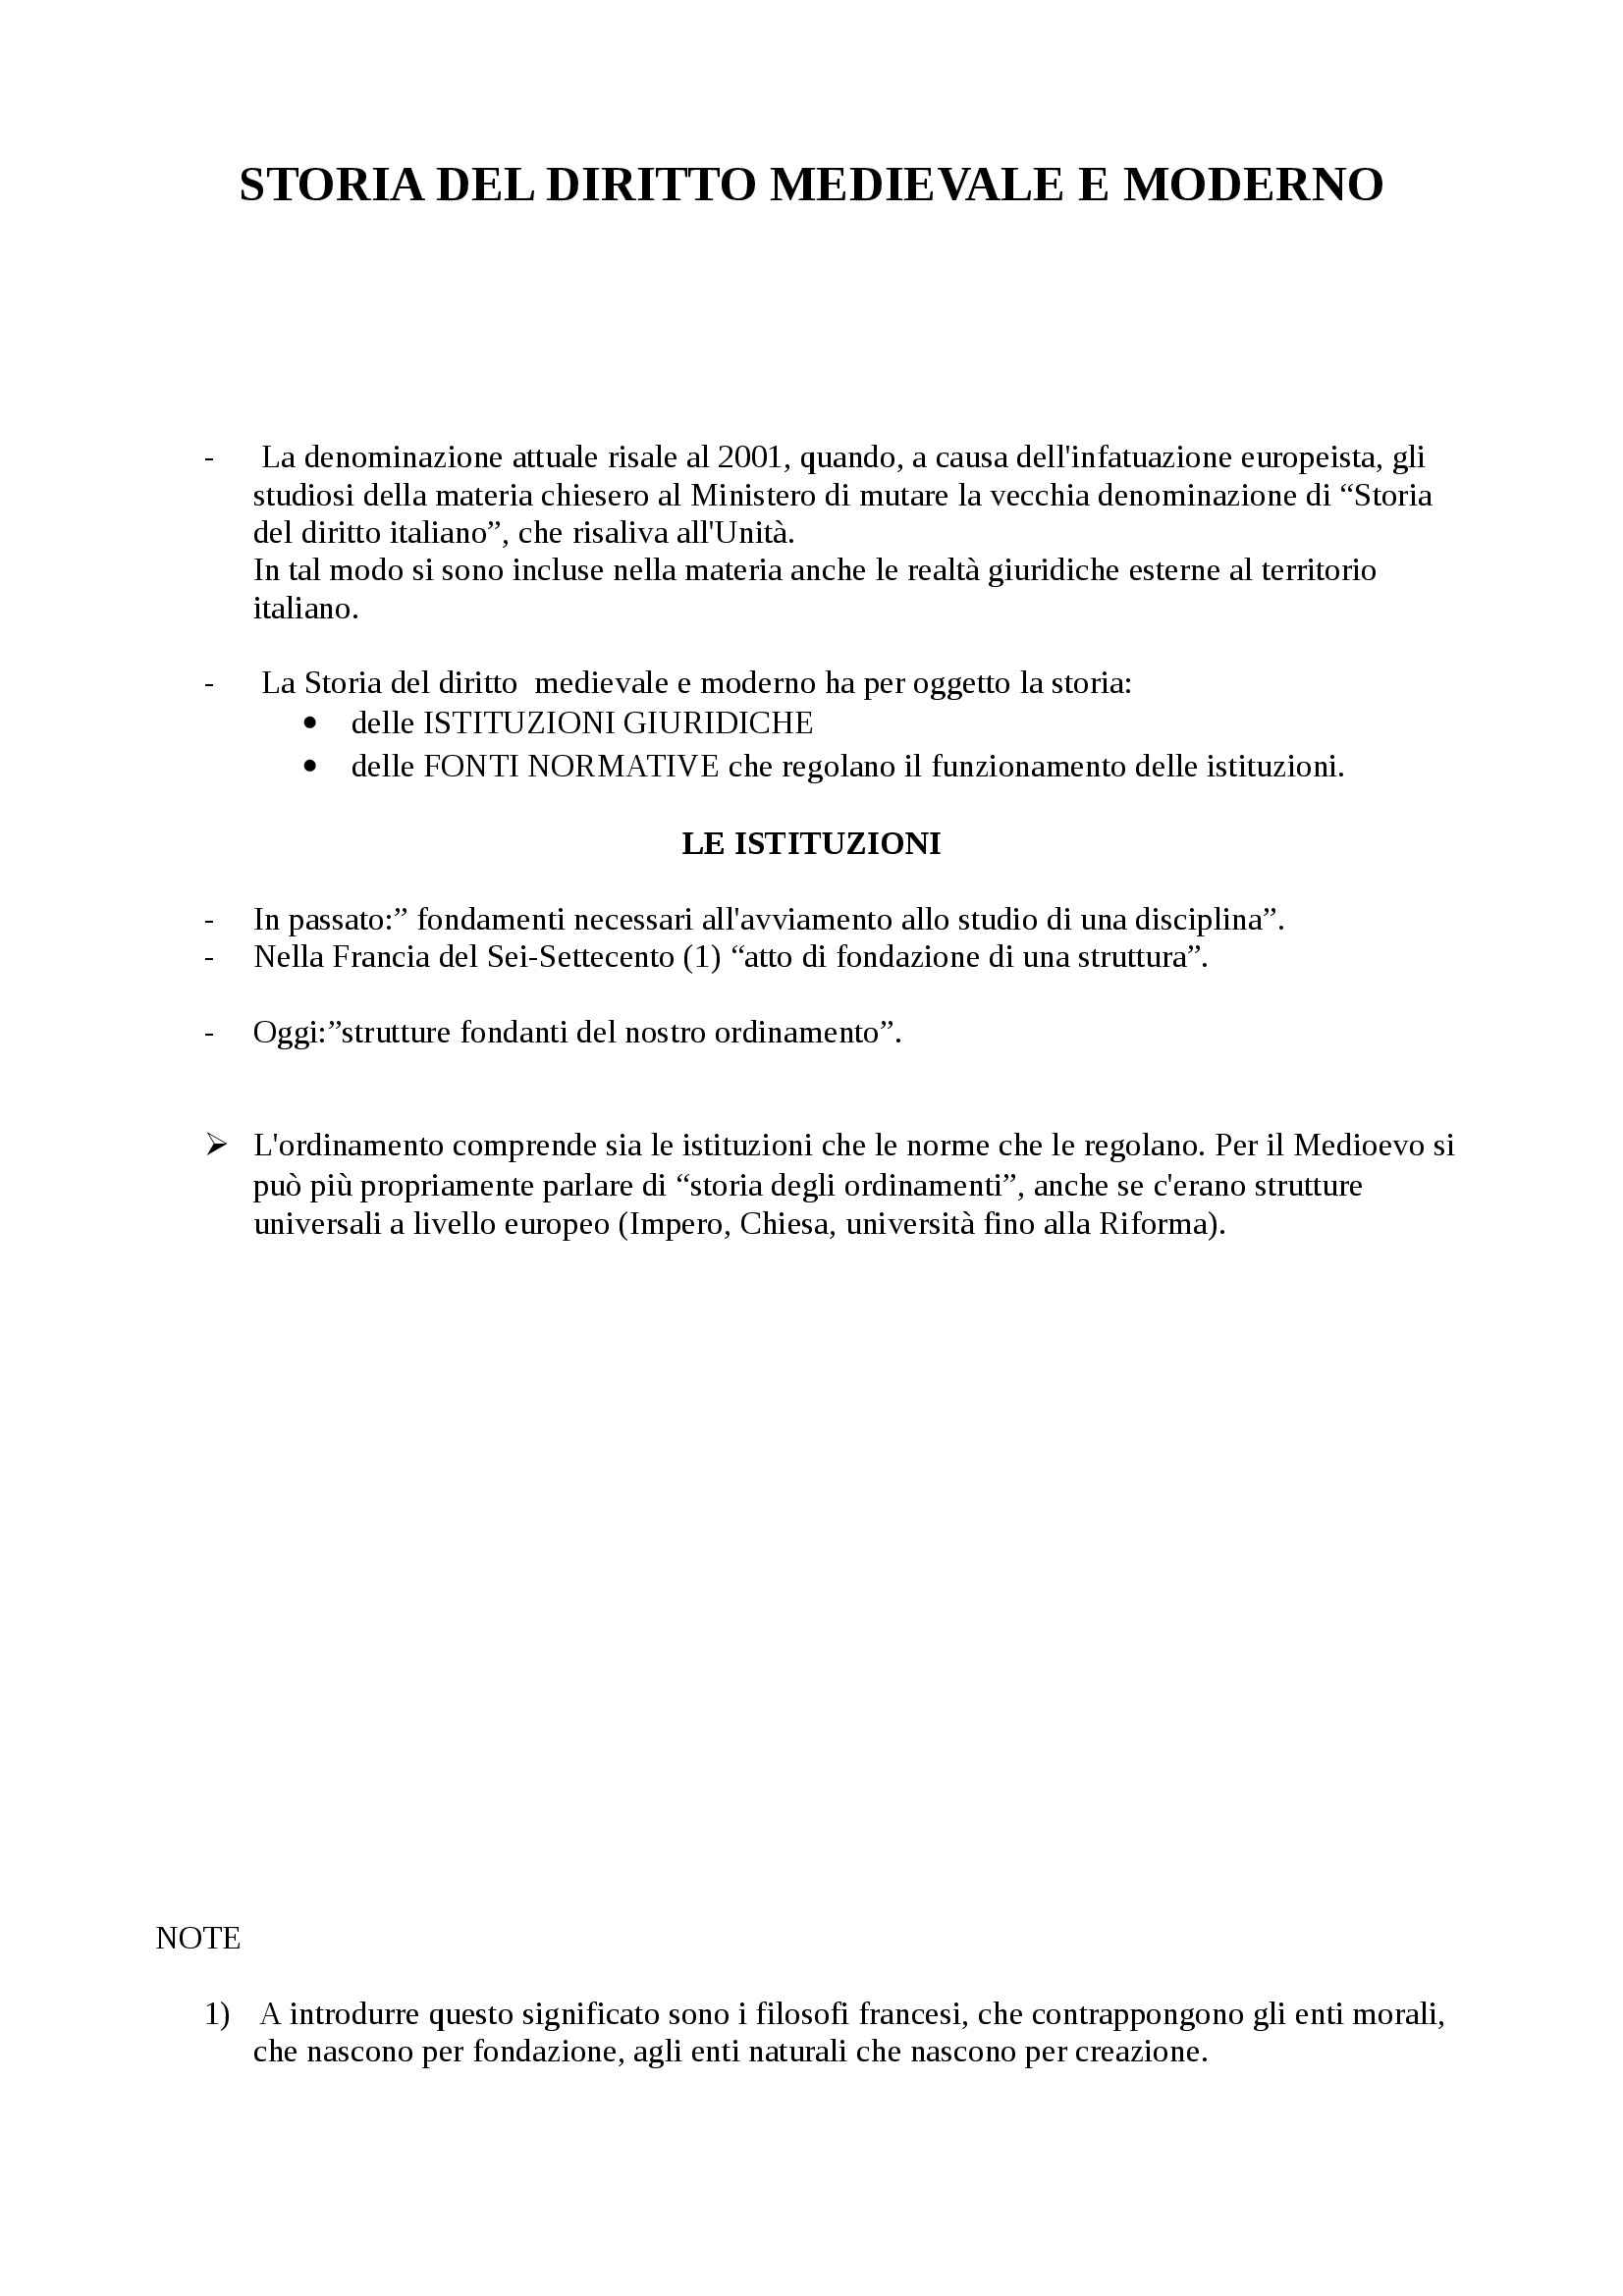 appunto P. Nardi Storia del diritto medievale  e moderno